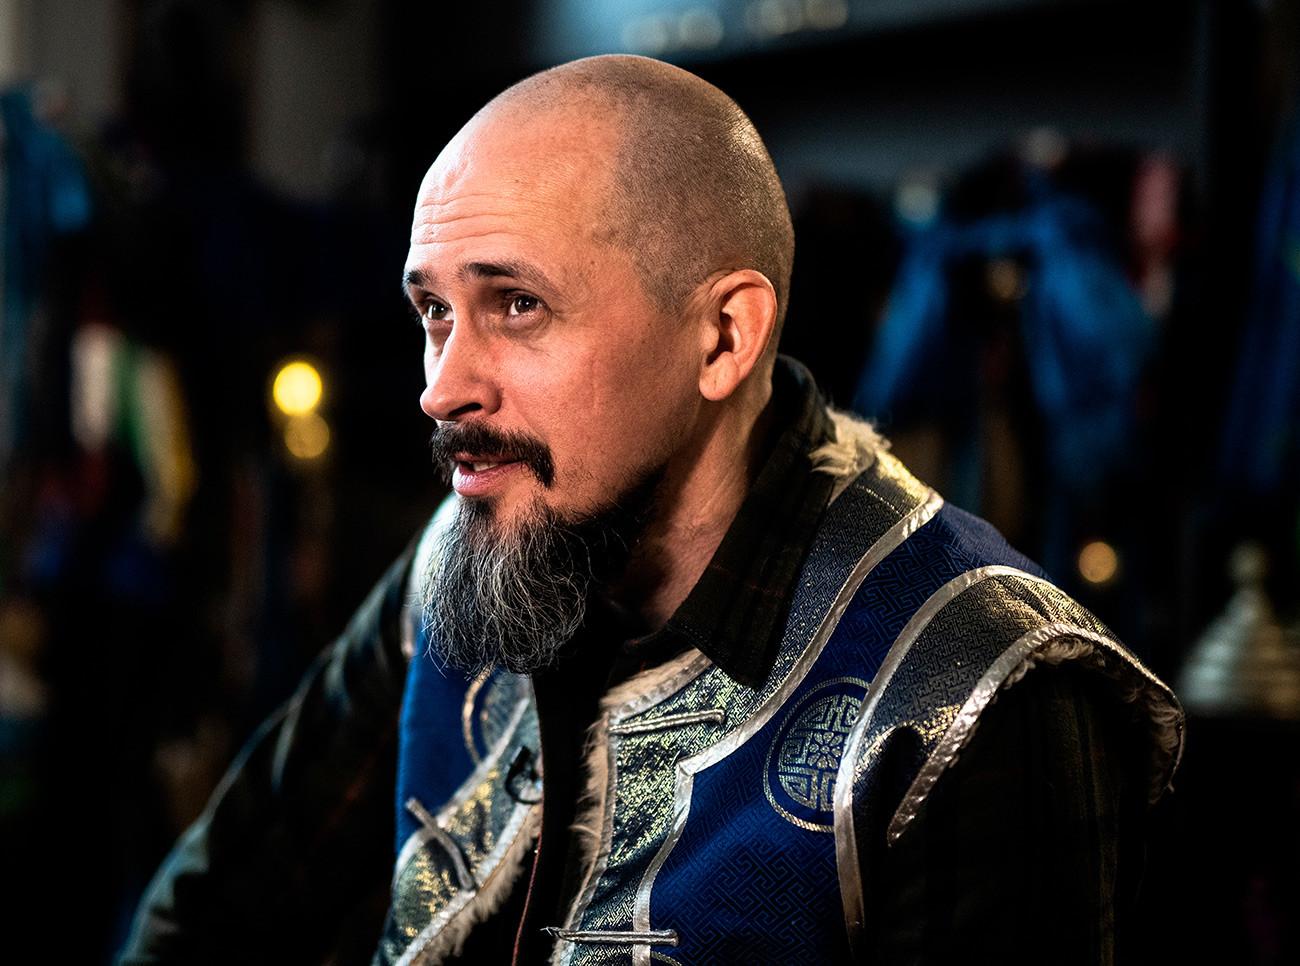 Čeljabinski šaman, pevec, glasbenik, izvajalec različnih stilov grlenega petja, specialist za preživetje Tjurgen Kam (Turgen Cum) v Čeljabinski regiji.